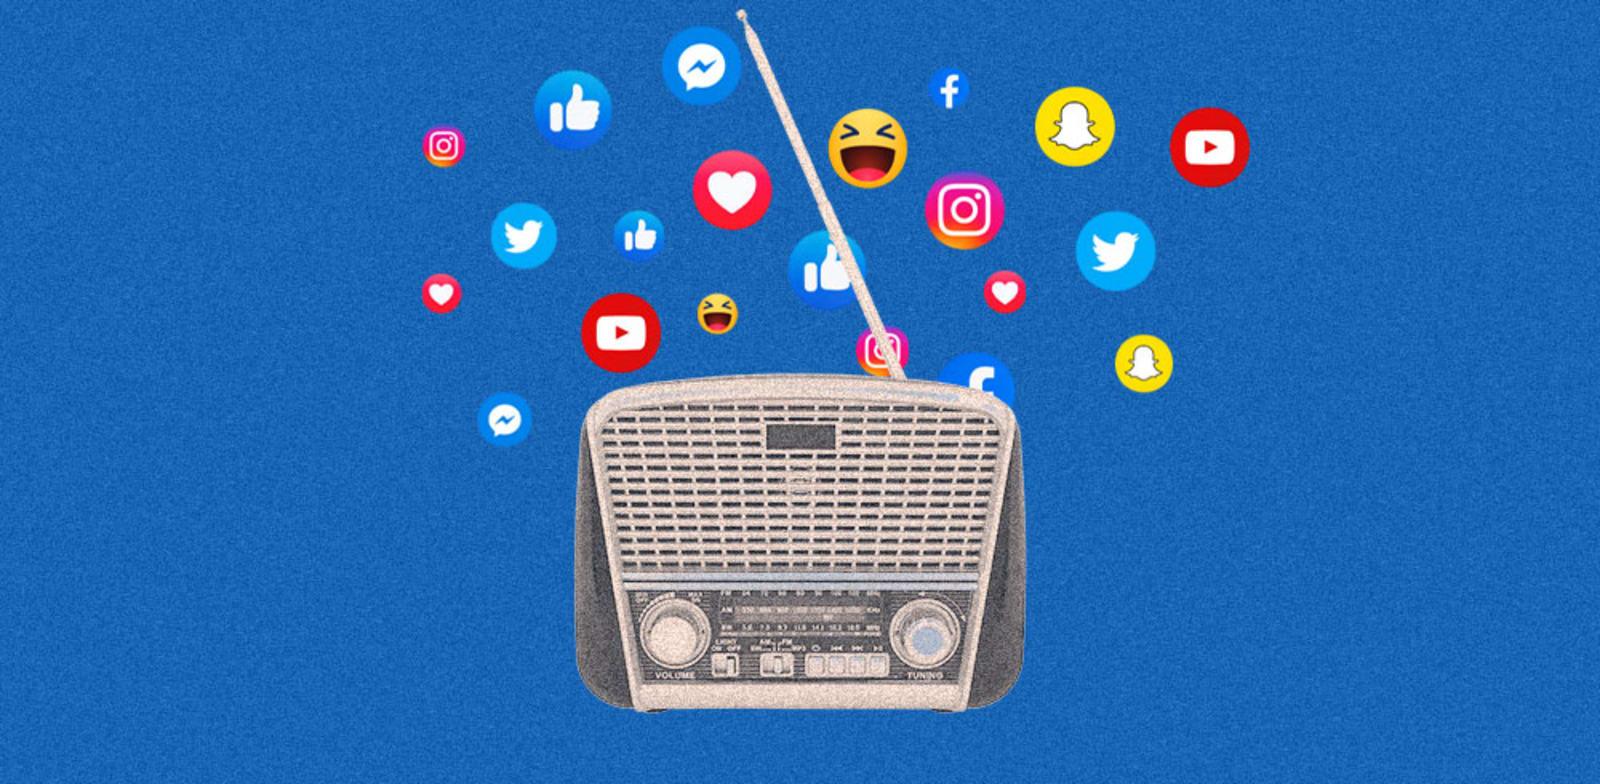 הרדיו בשיא / צילום: Shutterstock